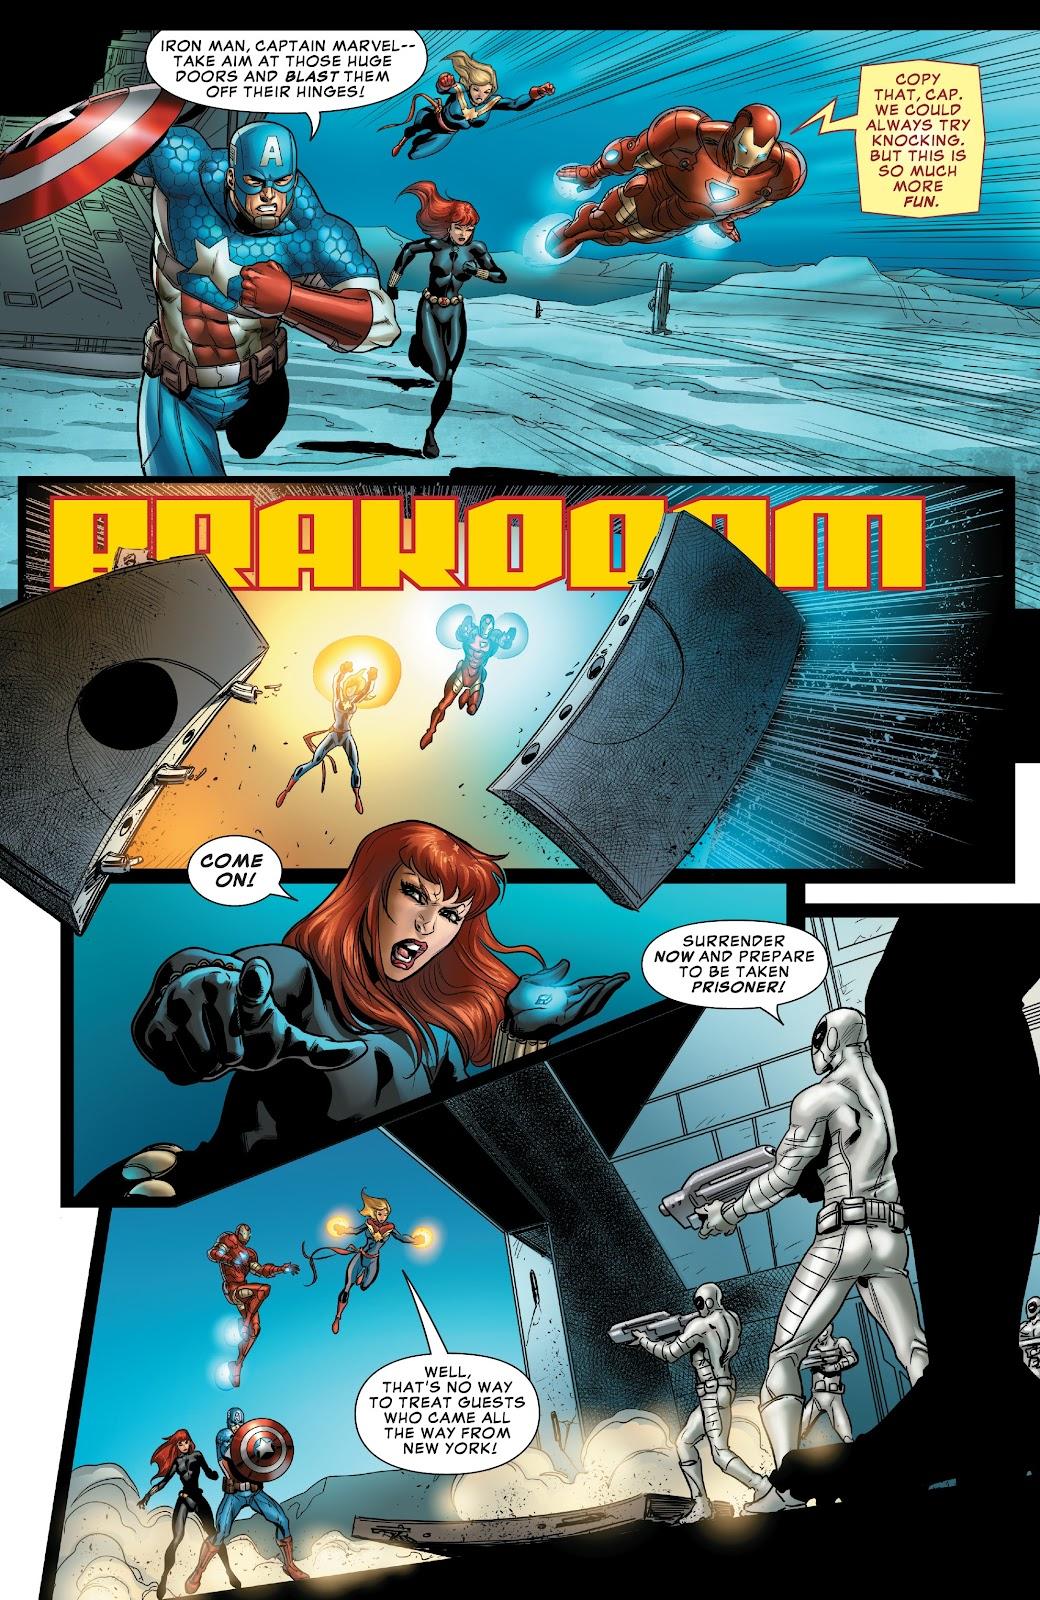 Read online Avengers: Edge of Infinity comic -  Issue # Full - 15